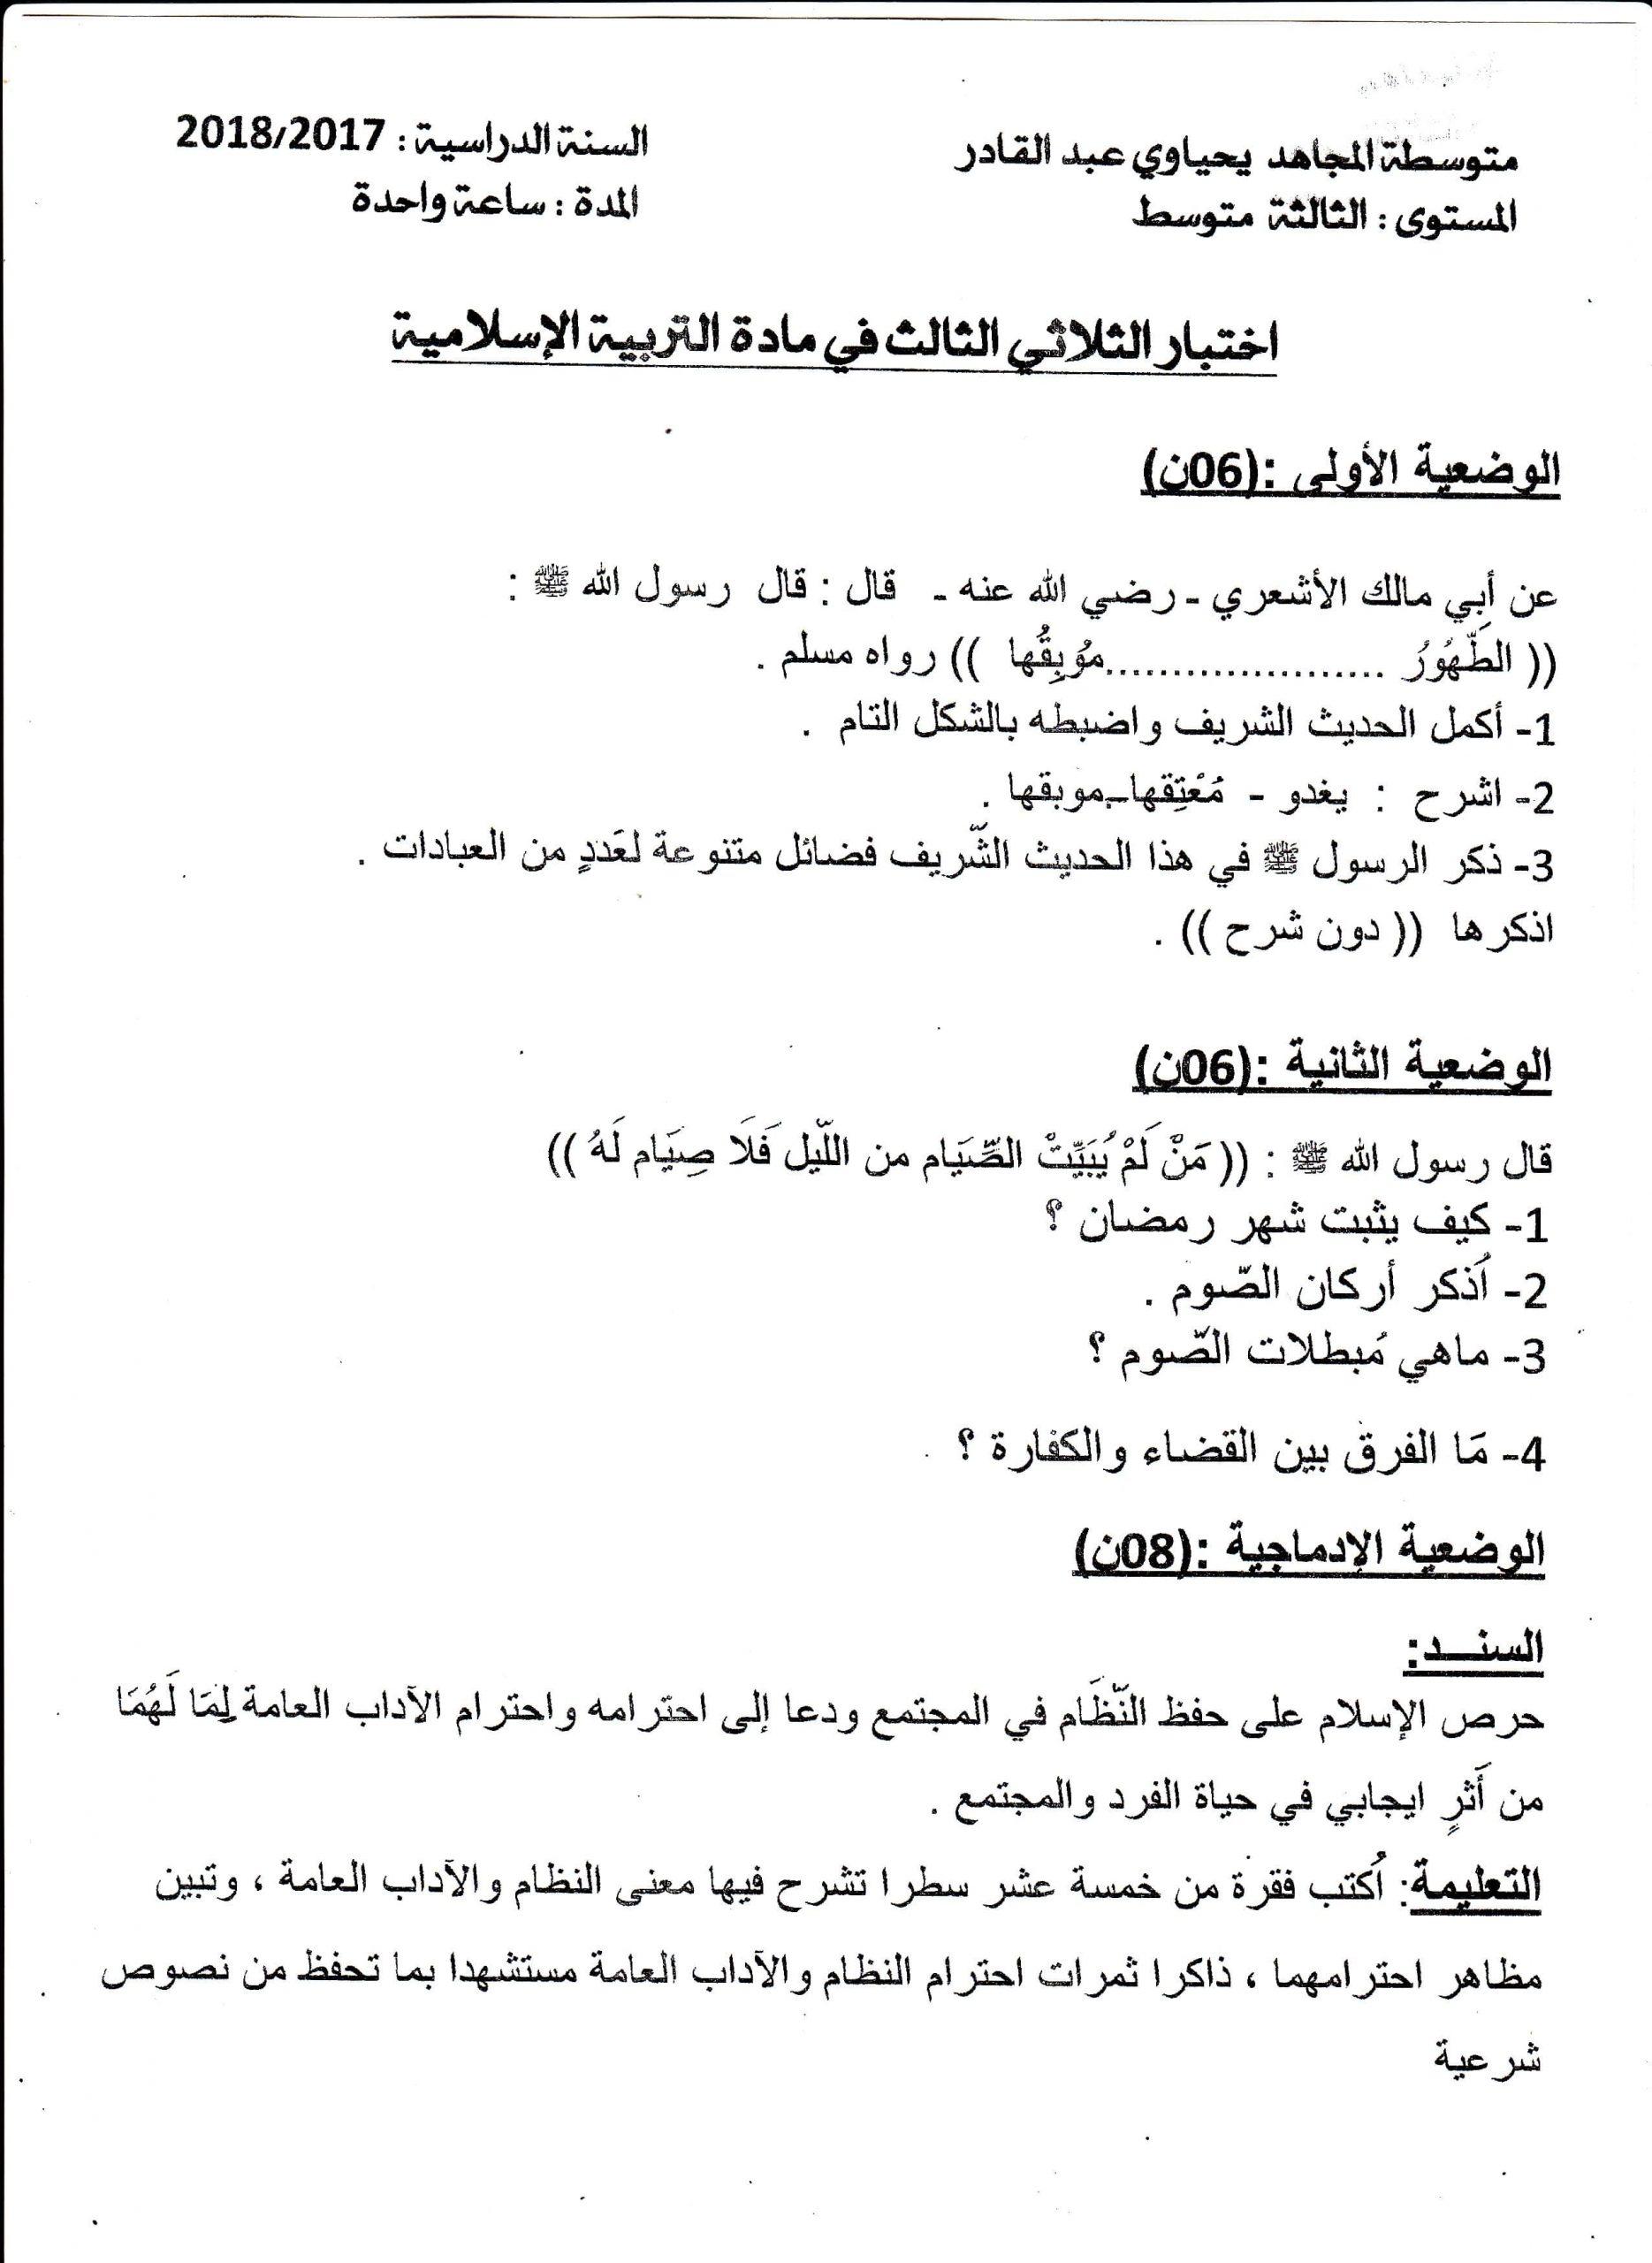 اختبار الفصل الثالث في التربية الاسلامية السنة الثالثة متوسط   الموضوع 05